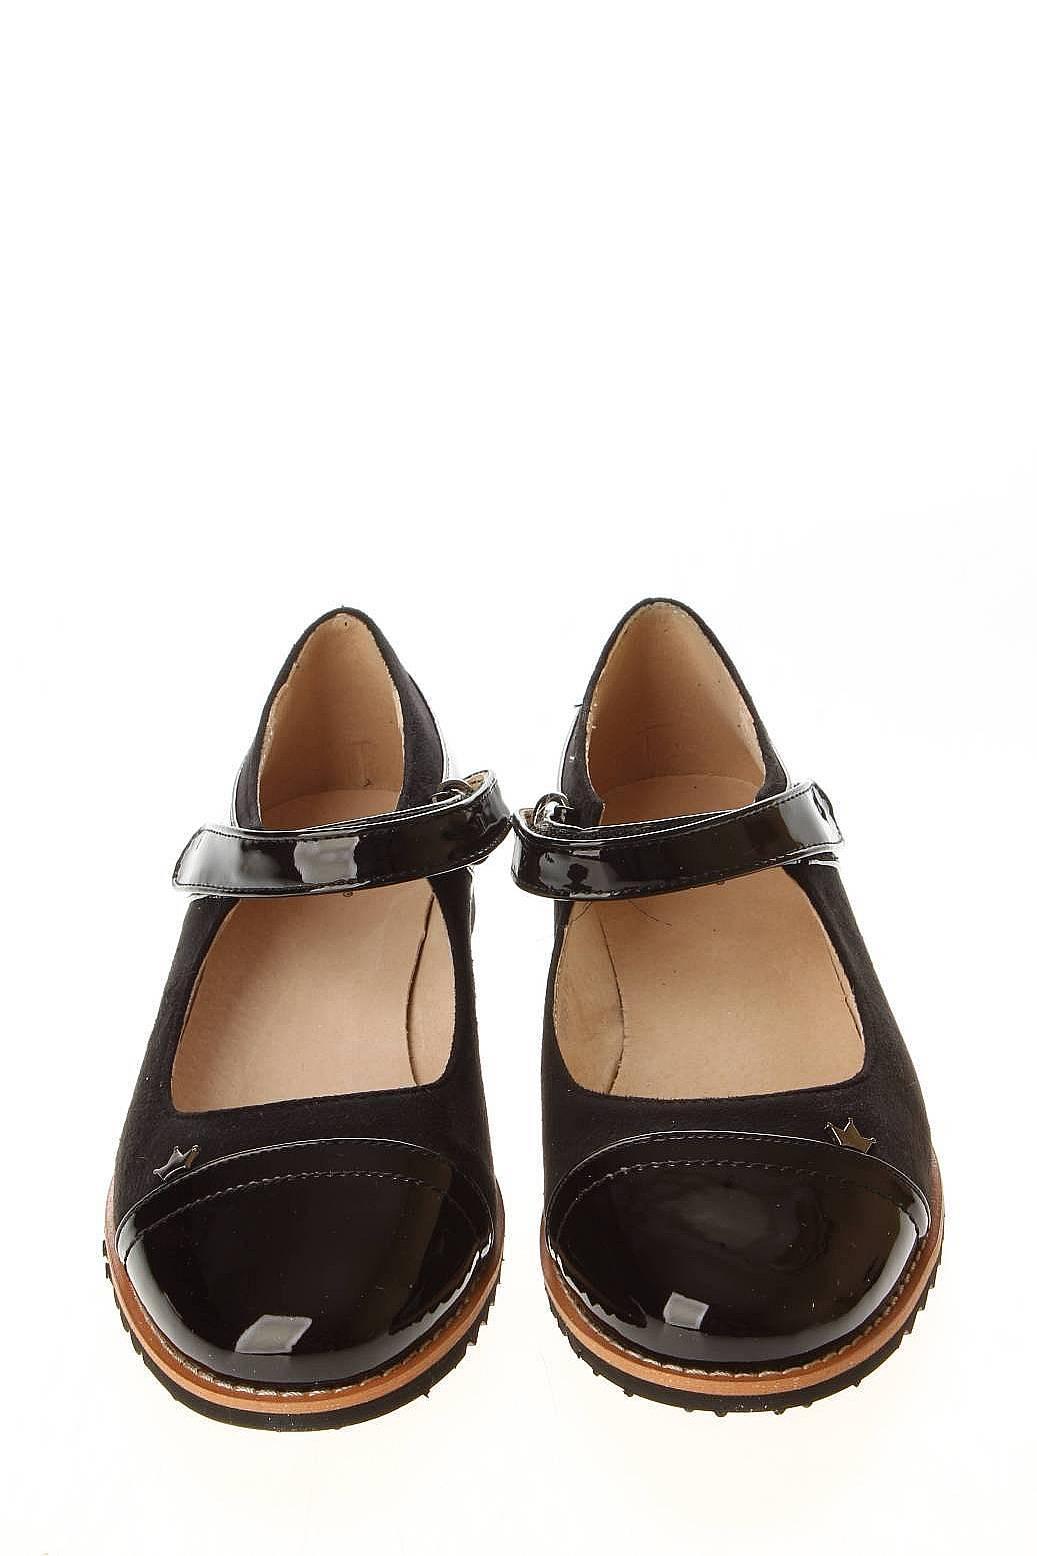 Мужская Обувь Детская Обувь Туфли: BETSY Обувь